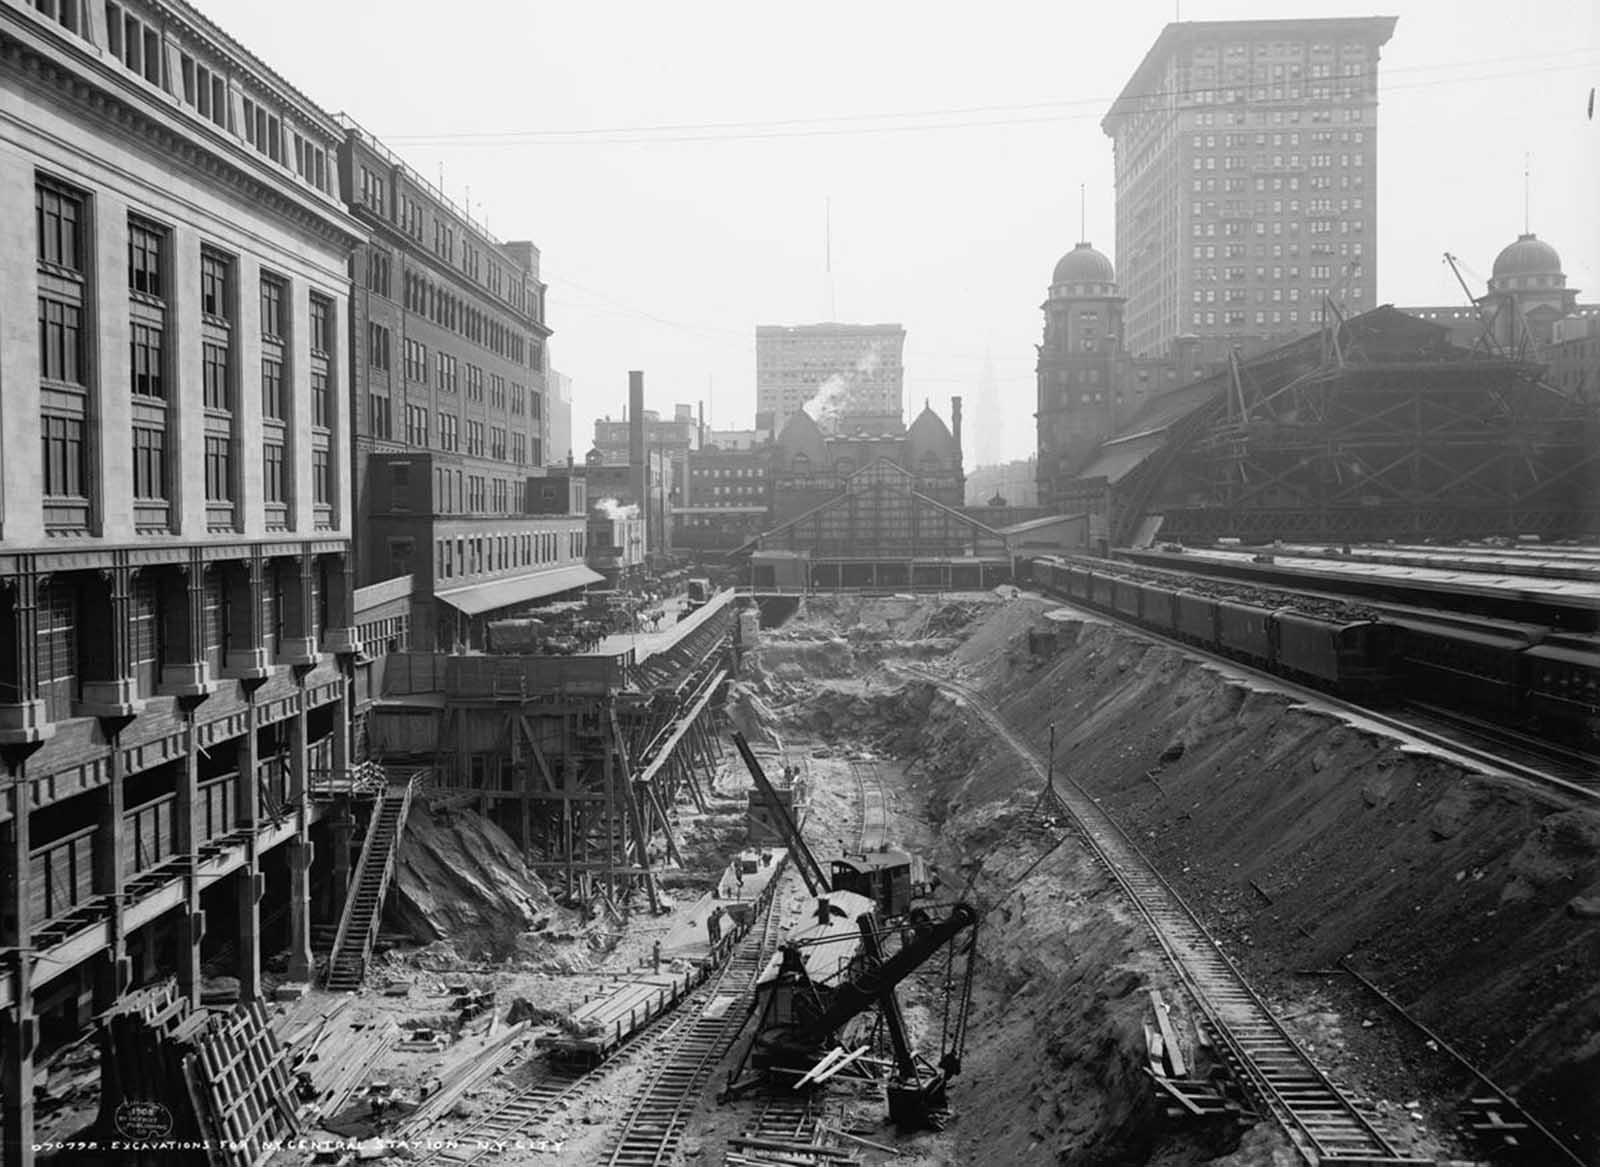 Trabajo de excavación en el sitio de Grand Central Station en la ciudad de Nueva York, en 1908.